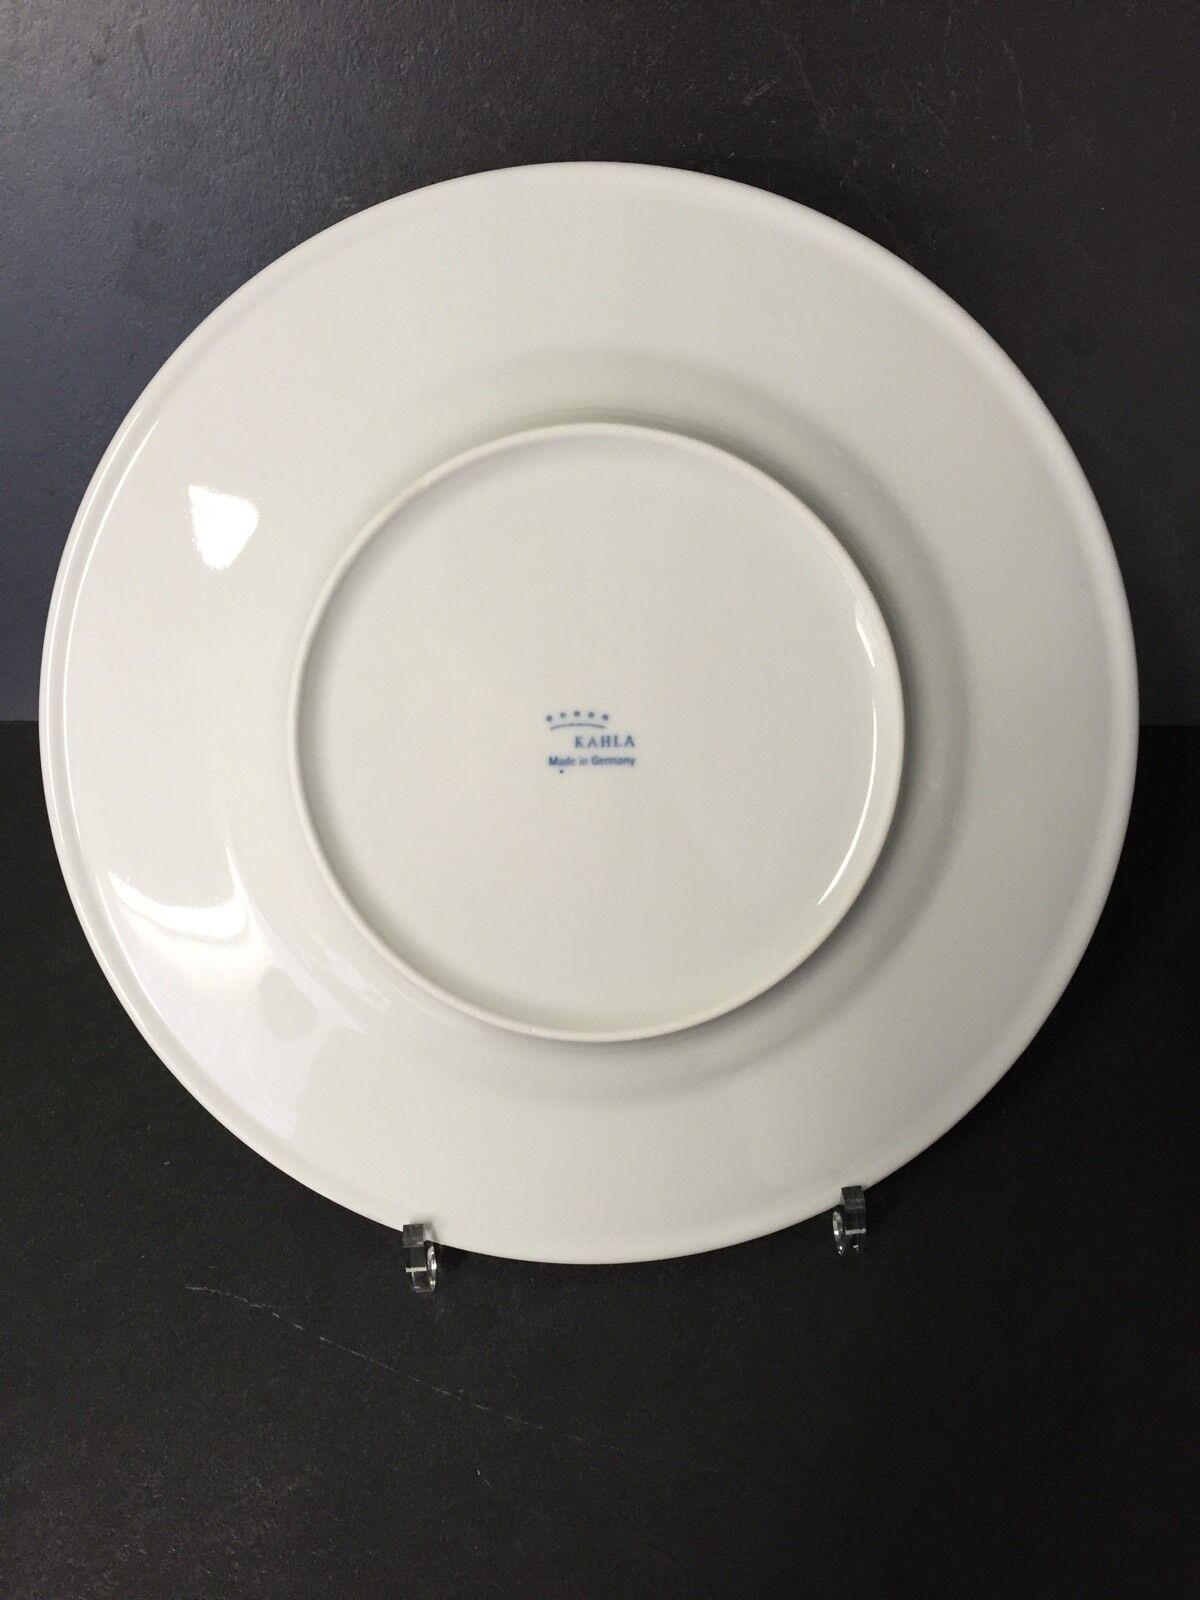 Kahla PRONTO PRONTO PRONTO 6 x Platzteller 31 cm Speiseteller Teller Platte Gastro Neu | Sehr gute Qualität  ae41dd